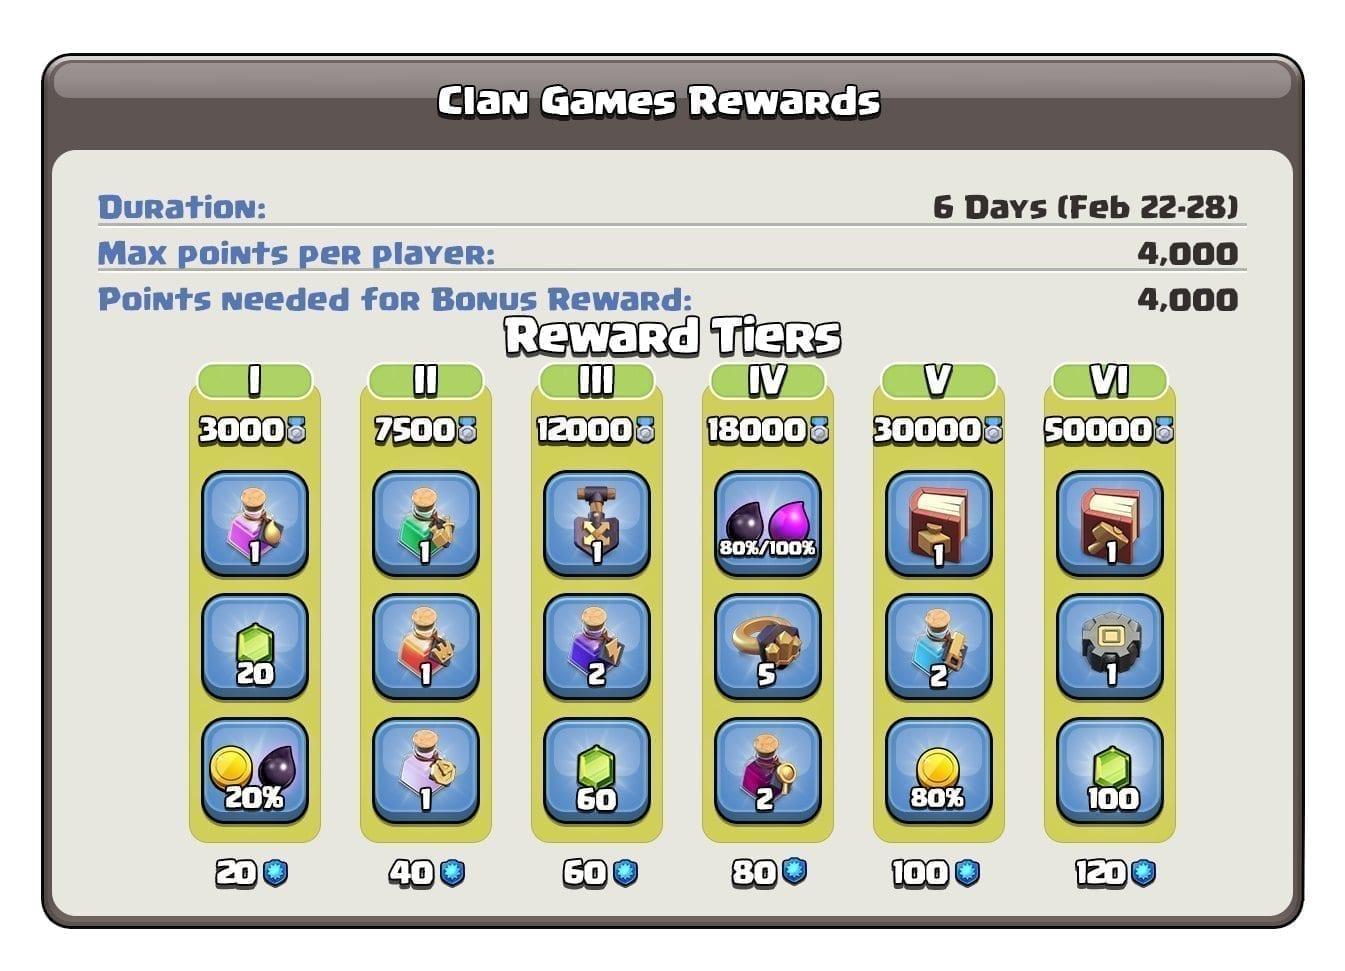 Стали известны награды в Clash of Clans клановых играх с 22 по 28 февраля